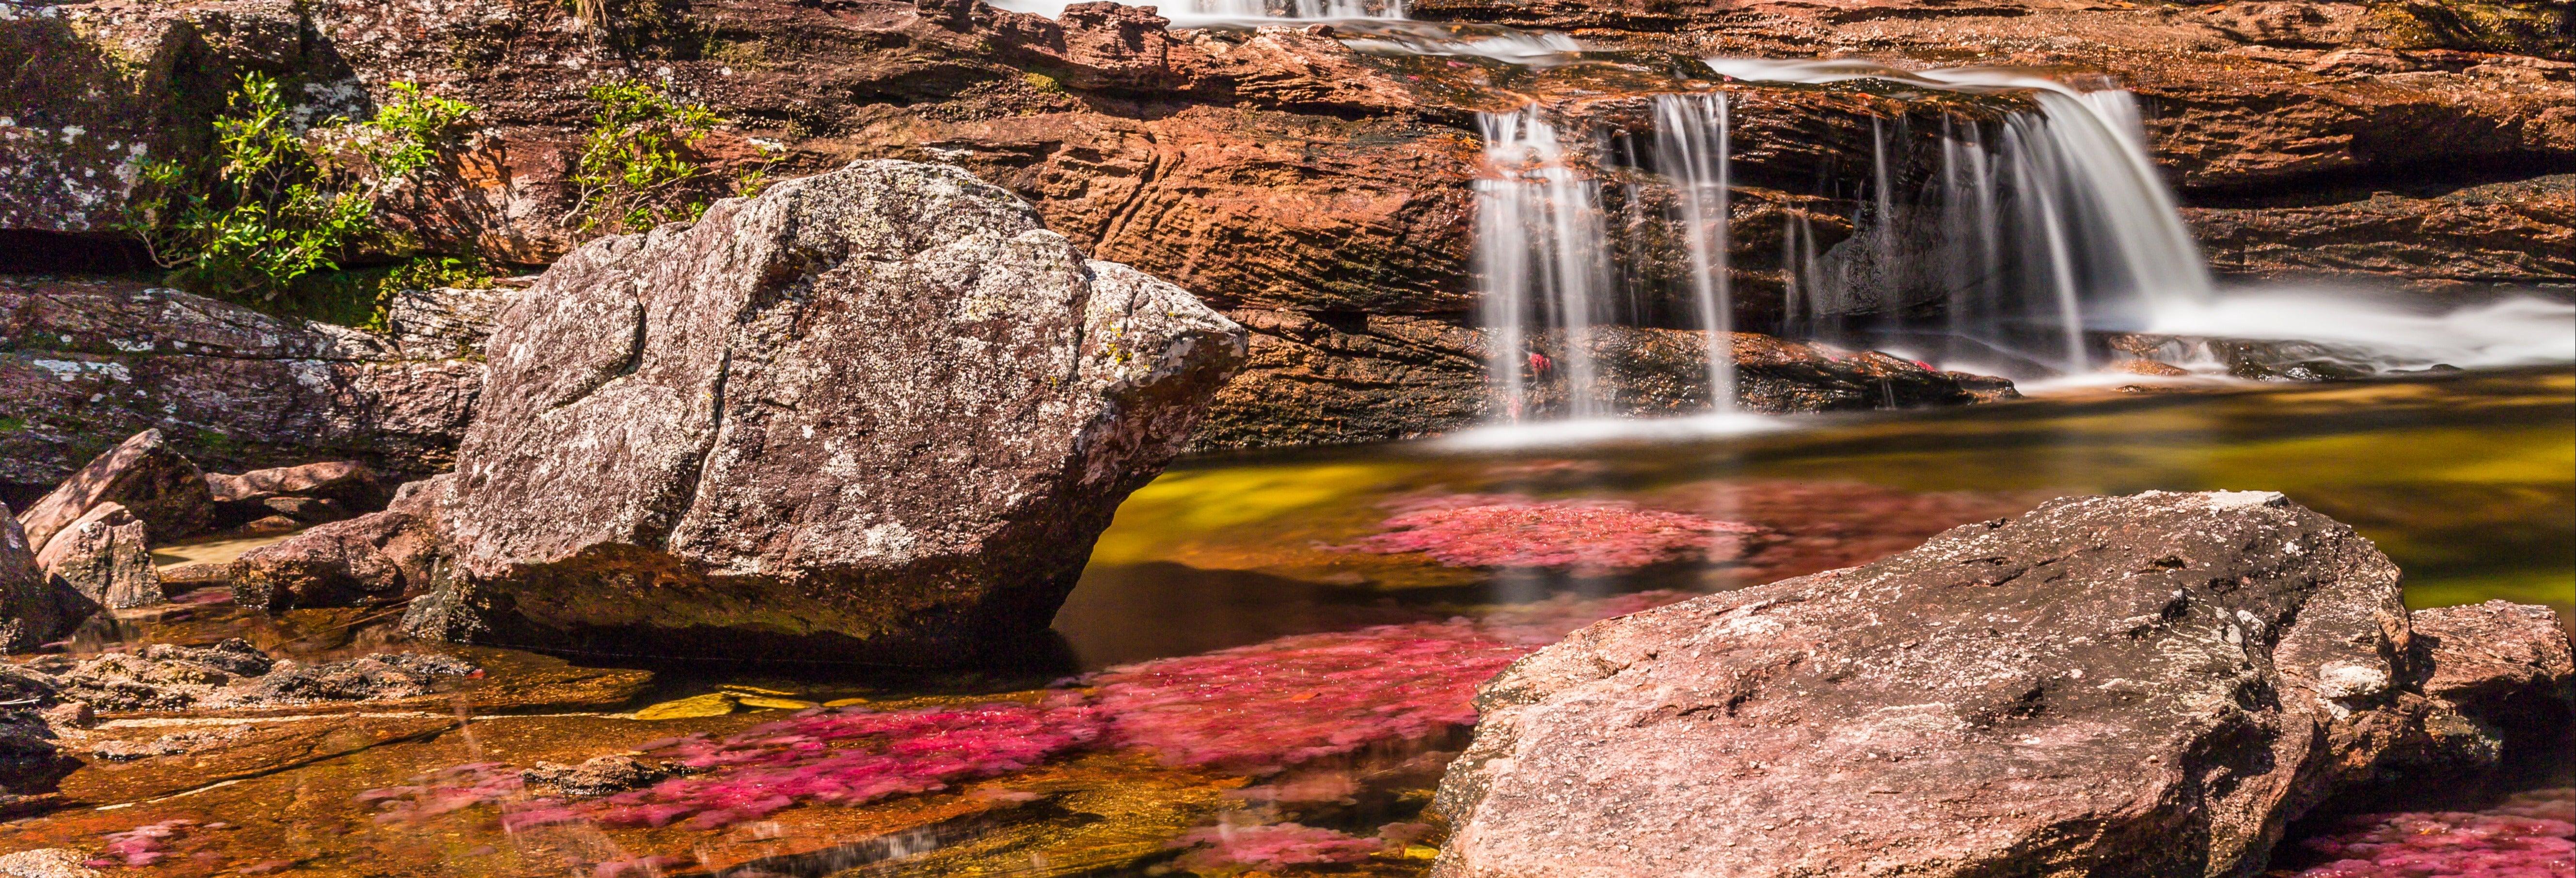 Tour de 4 días por Caño Cristales y Sierra de La Macarena